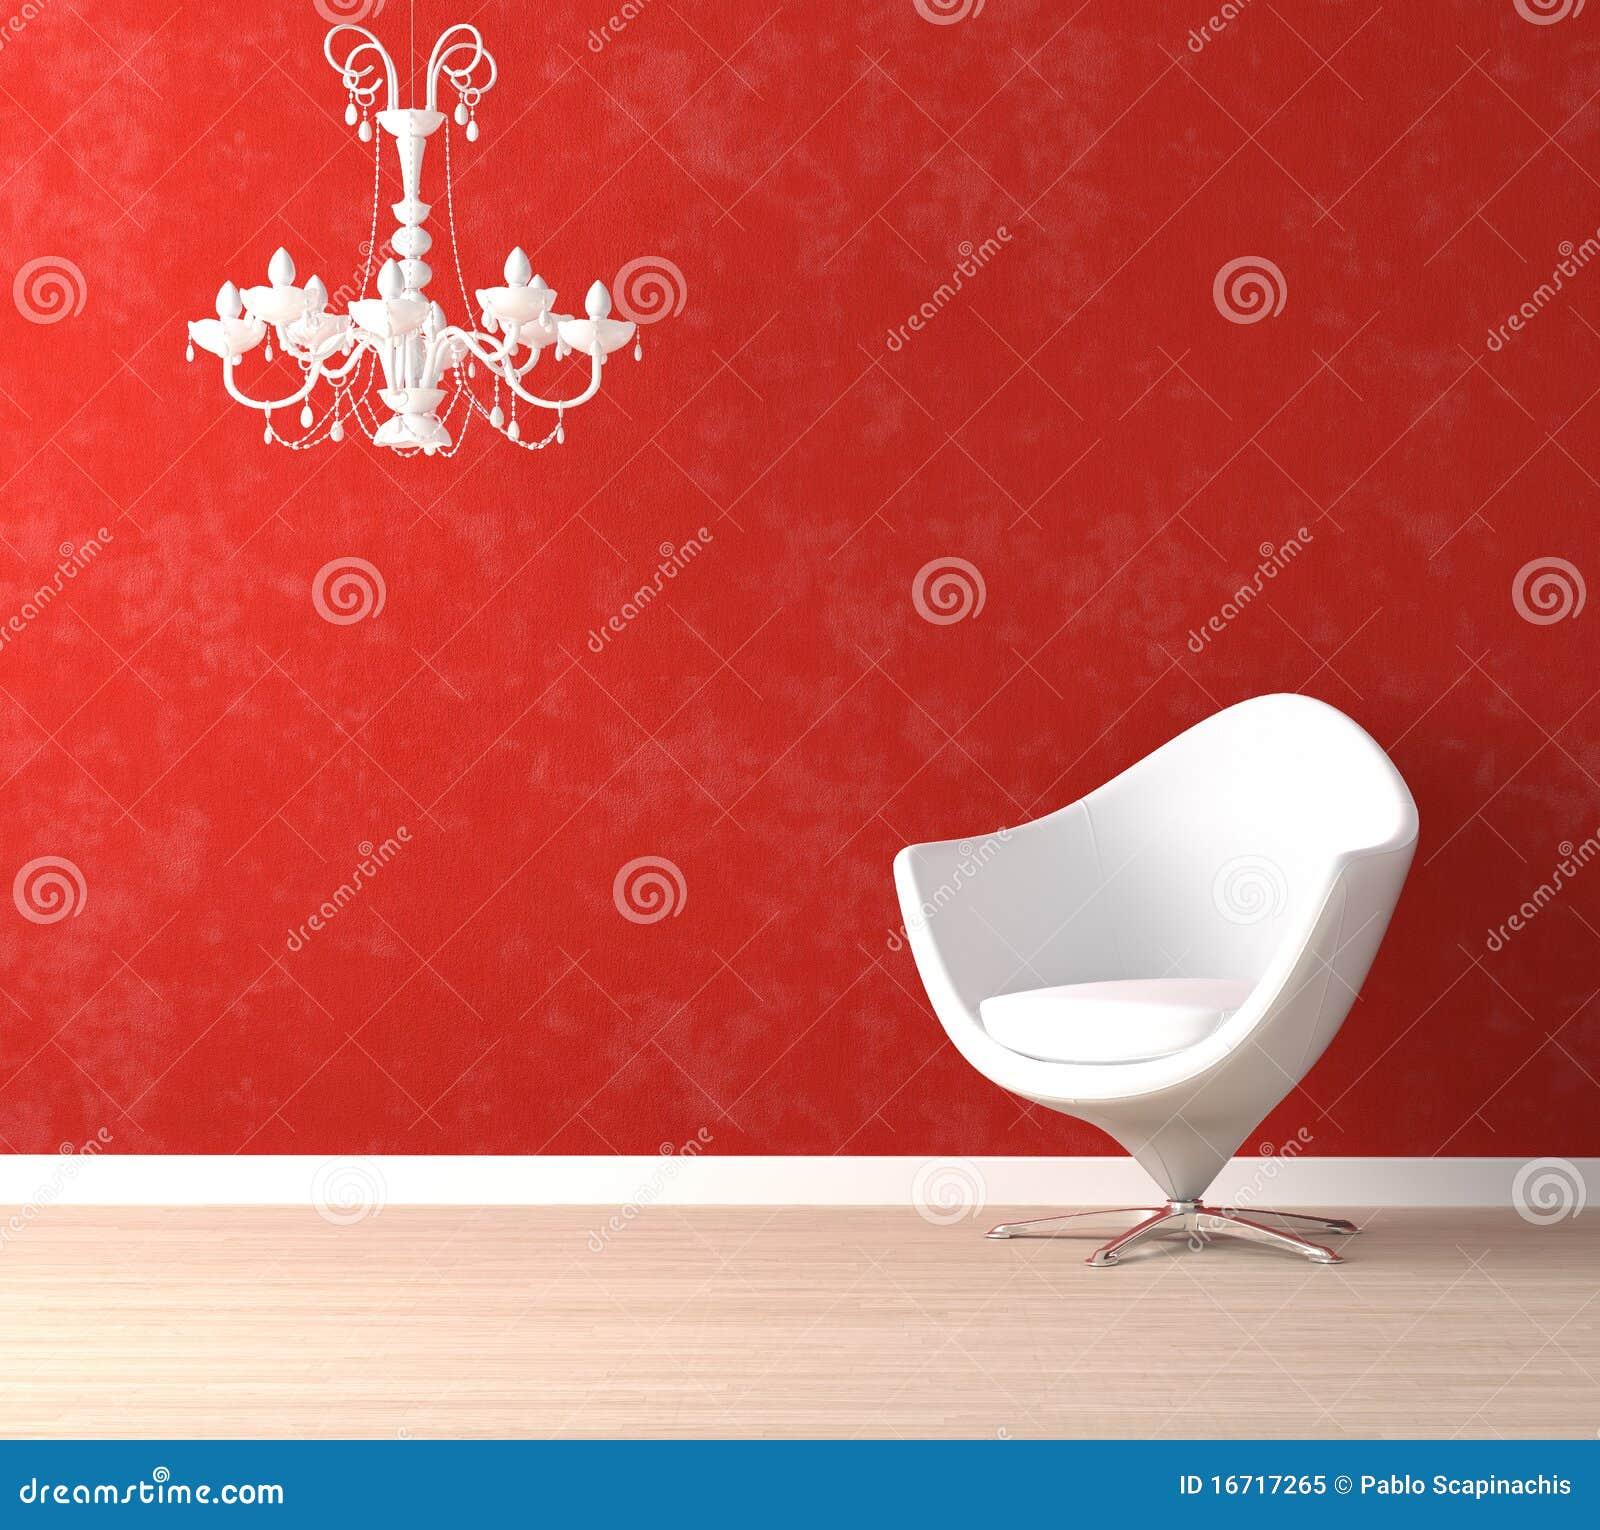 Weißer Stuhl Und Lampe Auf Rot Stock Abbildung Illustration Von